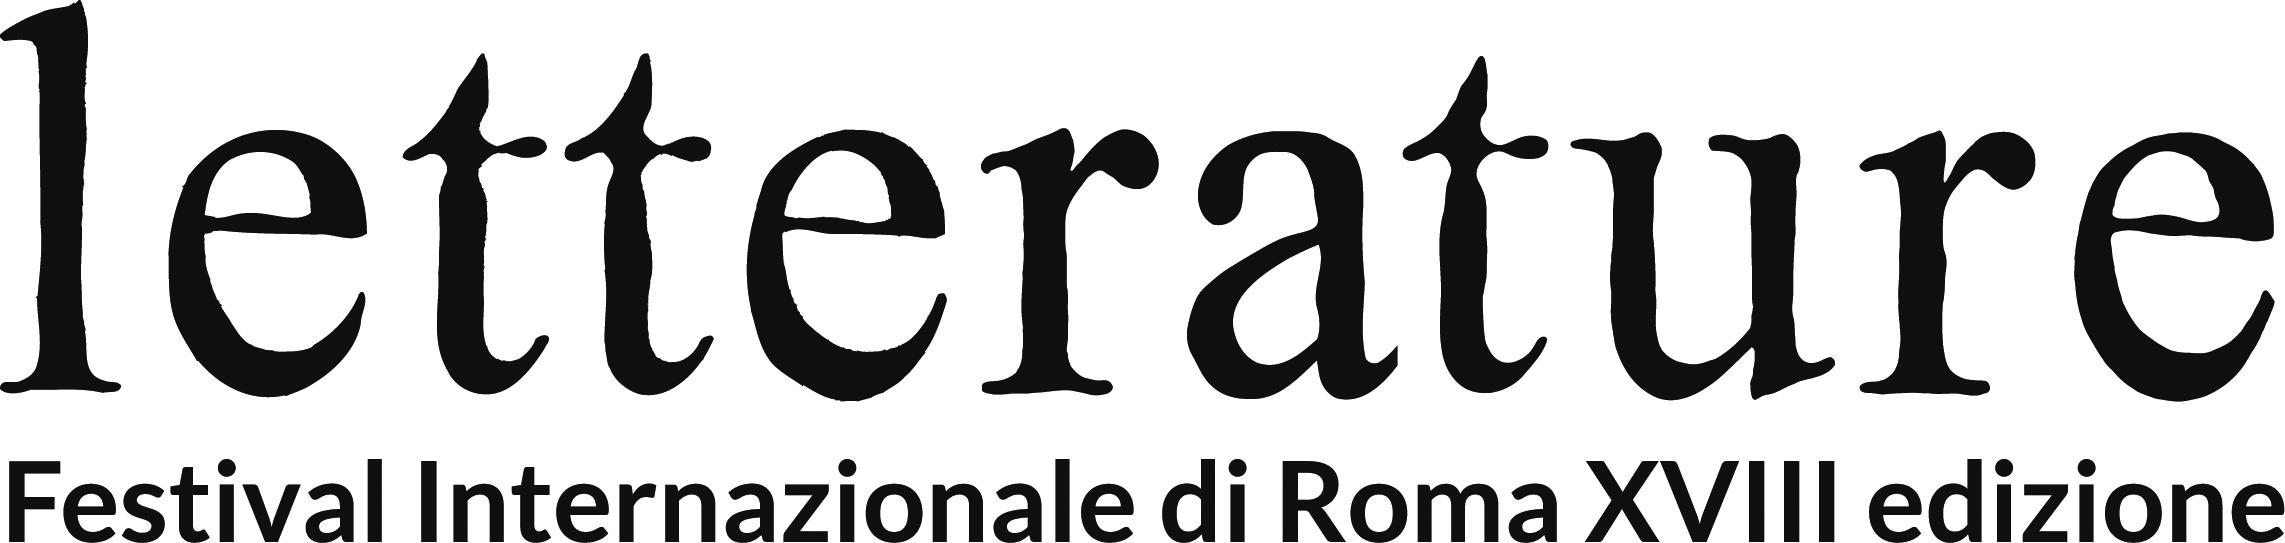 logo letterature massenzio.png